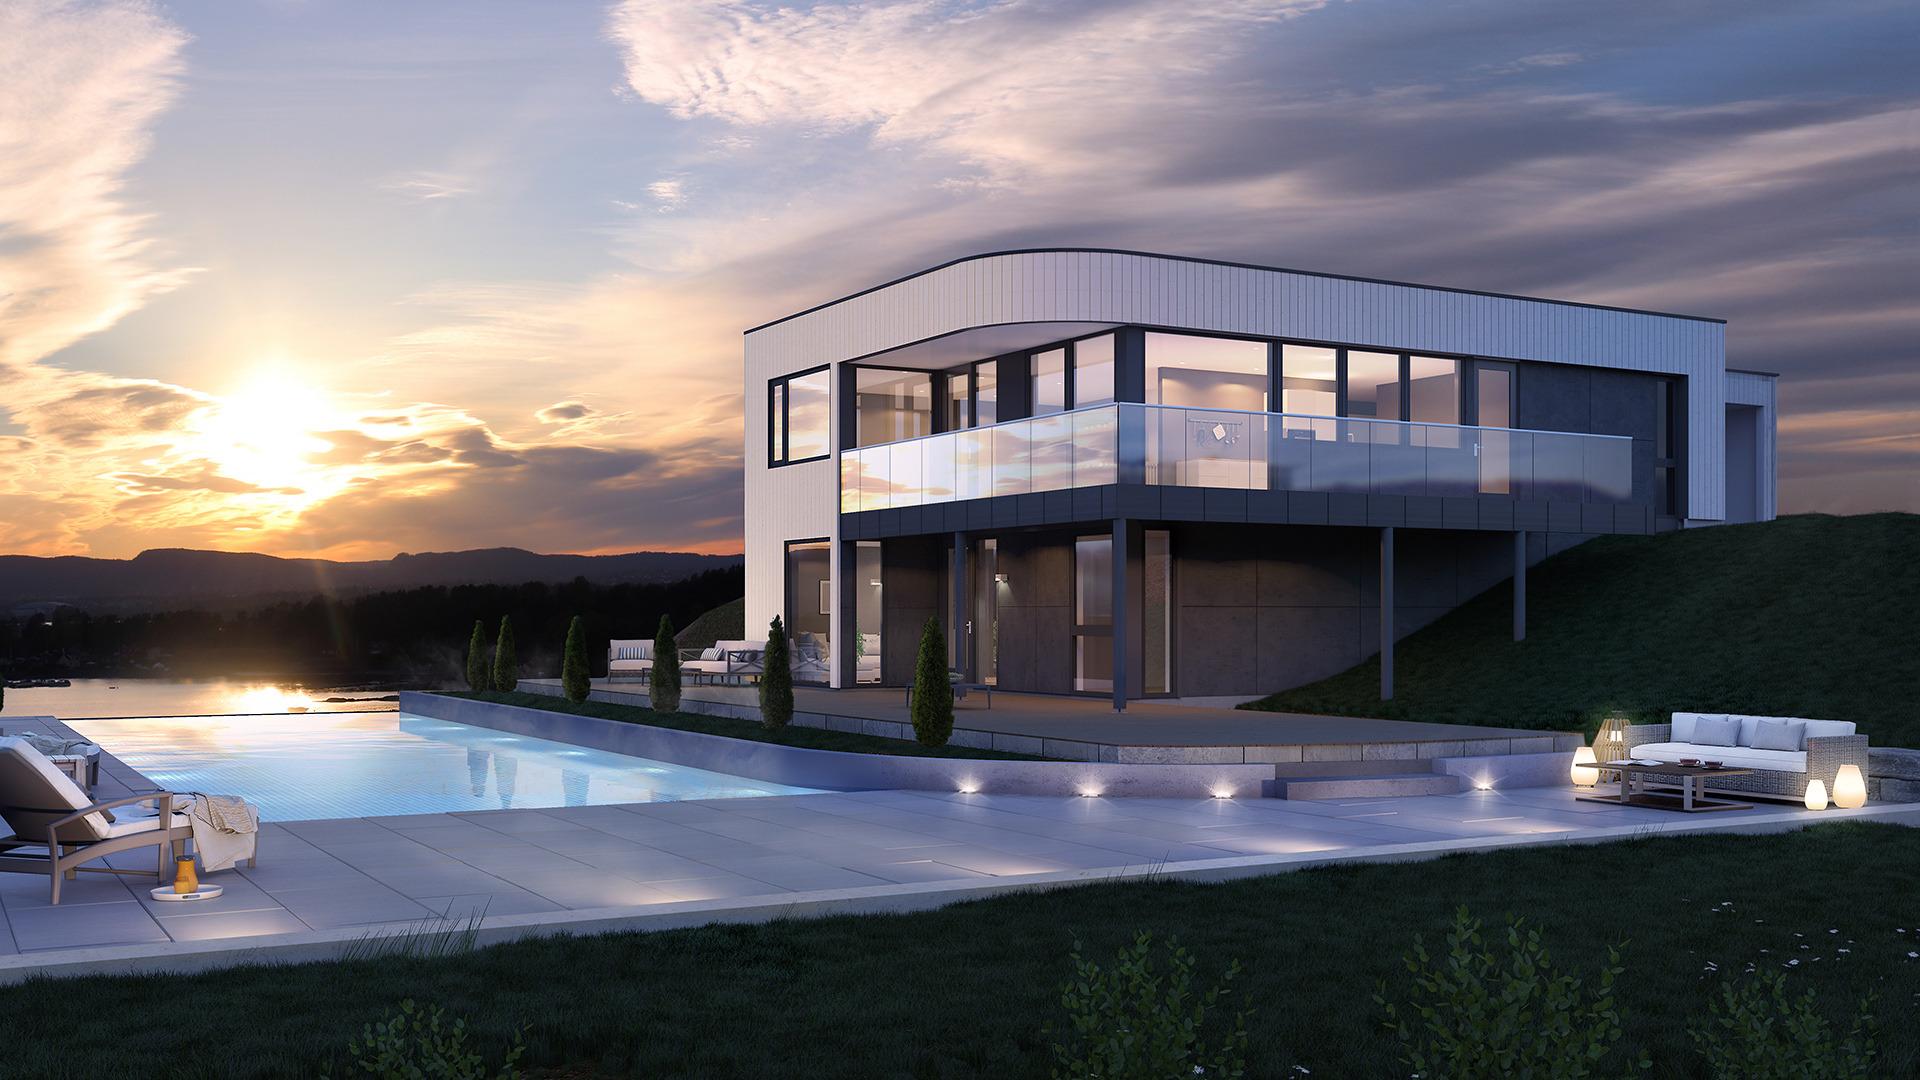 Stilren bolig, med gode utenomhusarealer